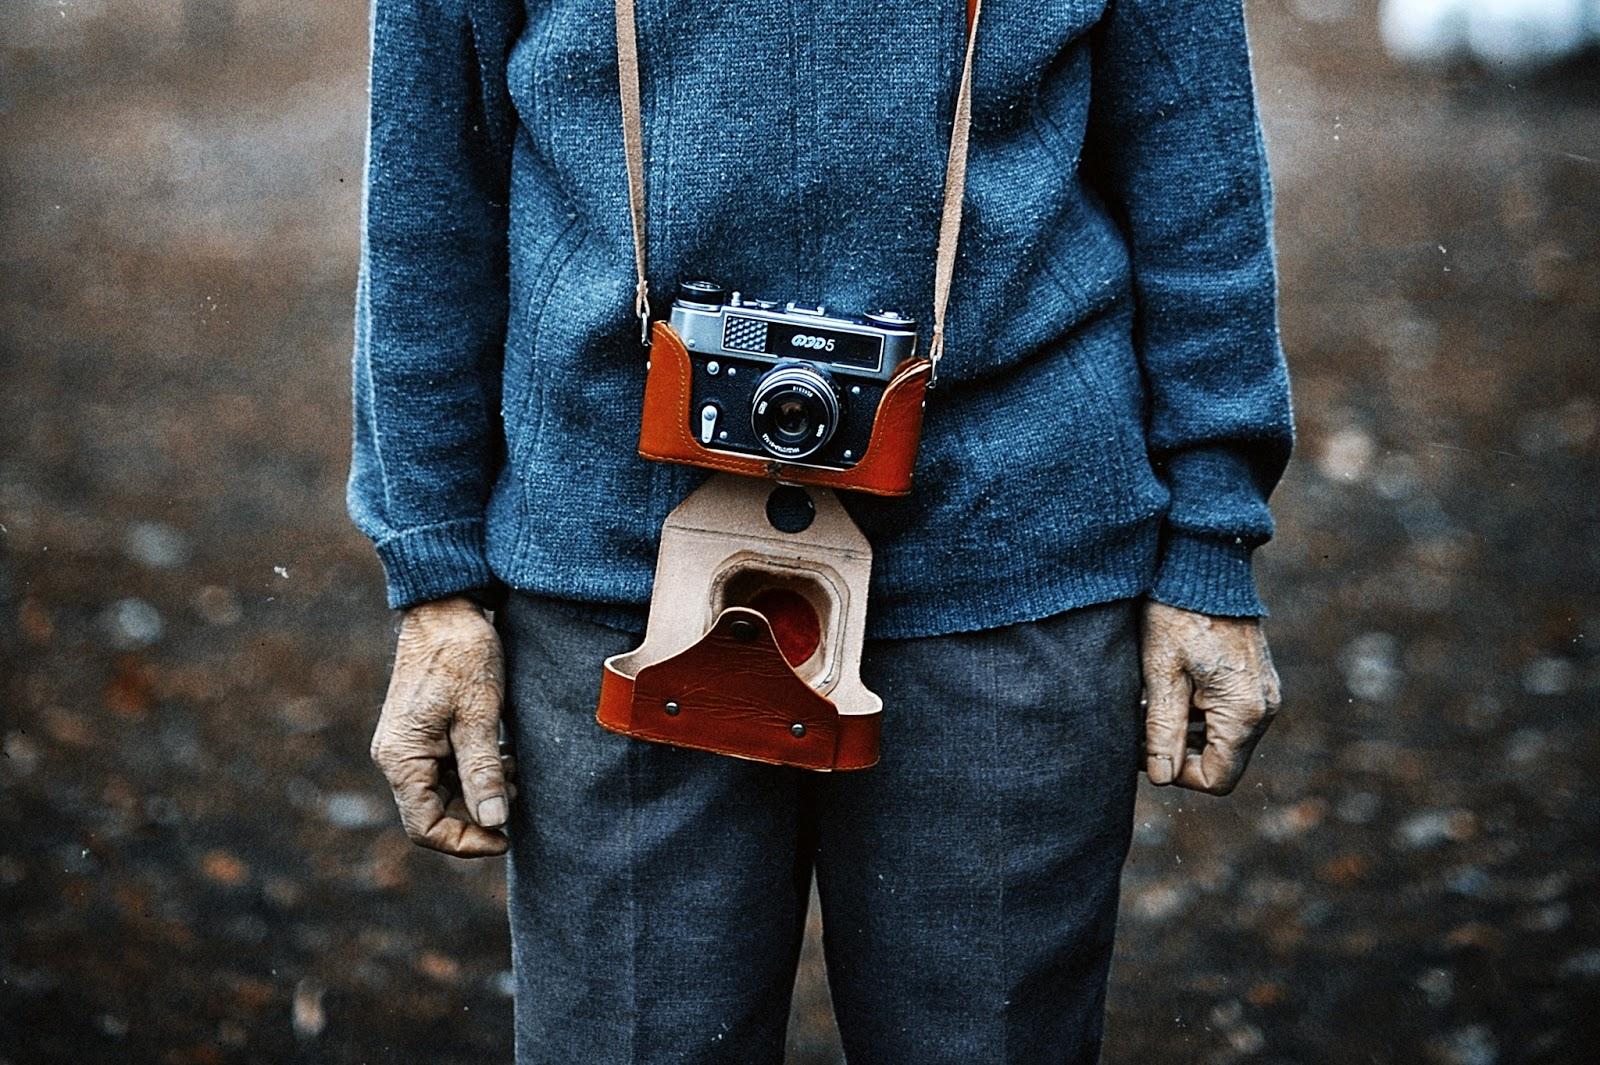 الصور الفوتوغرافية الأكثر جمالاً | صور فوتوغرافية جديدة